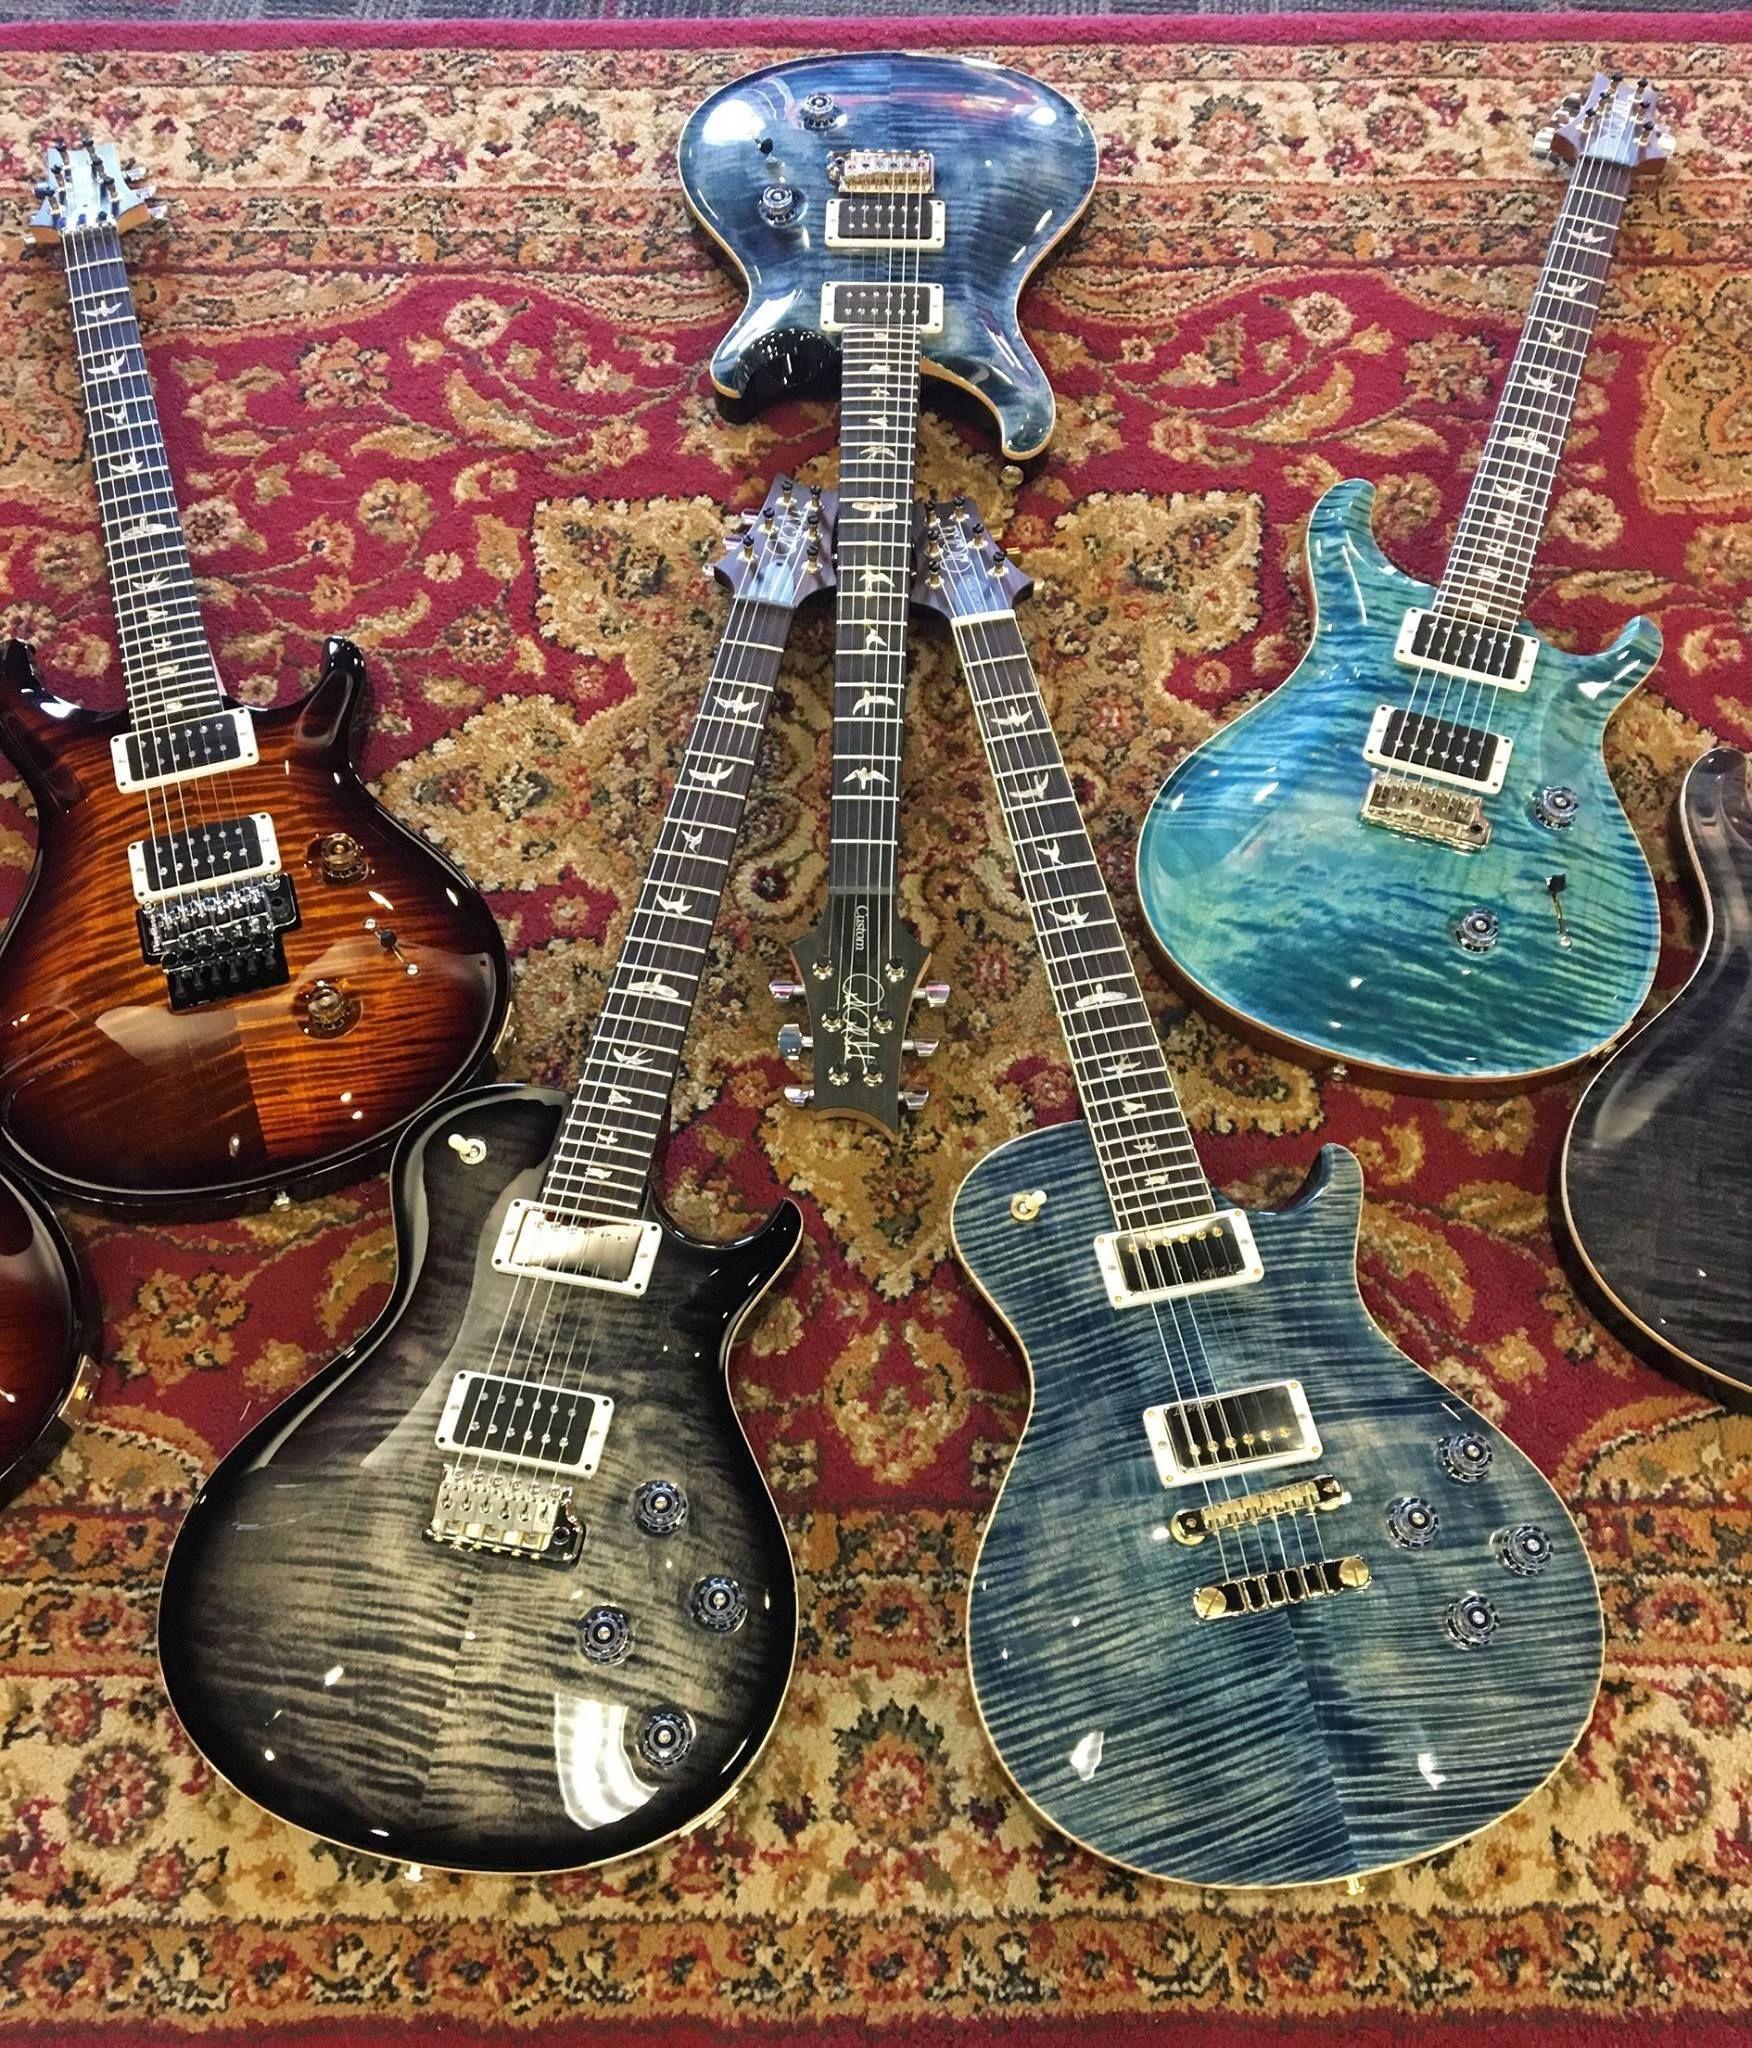 PRS Guitar Mccarty PRS Guitar Piezo #guitarpicks #guitartech #PRSGuitars #prsguitar